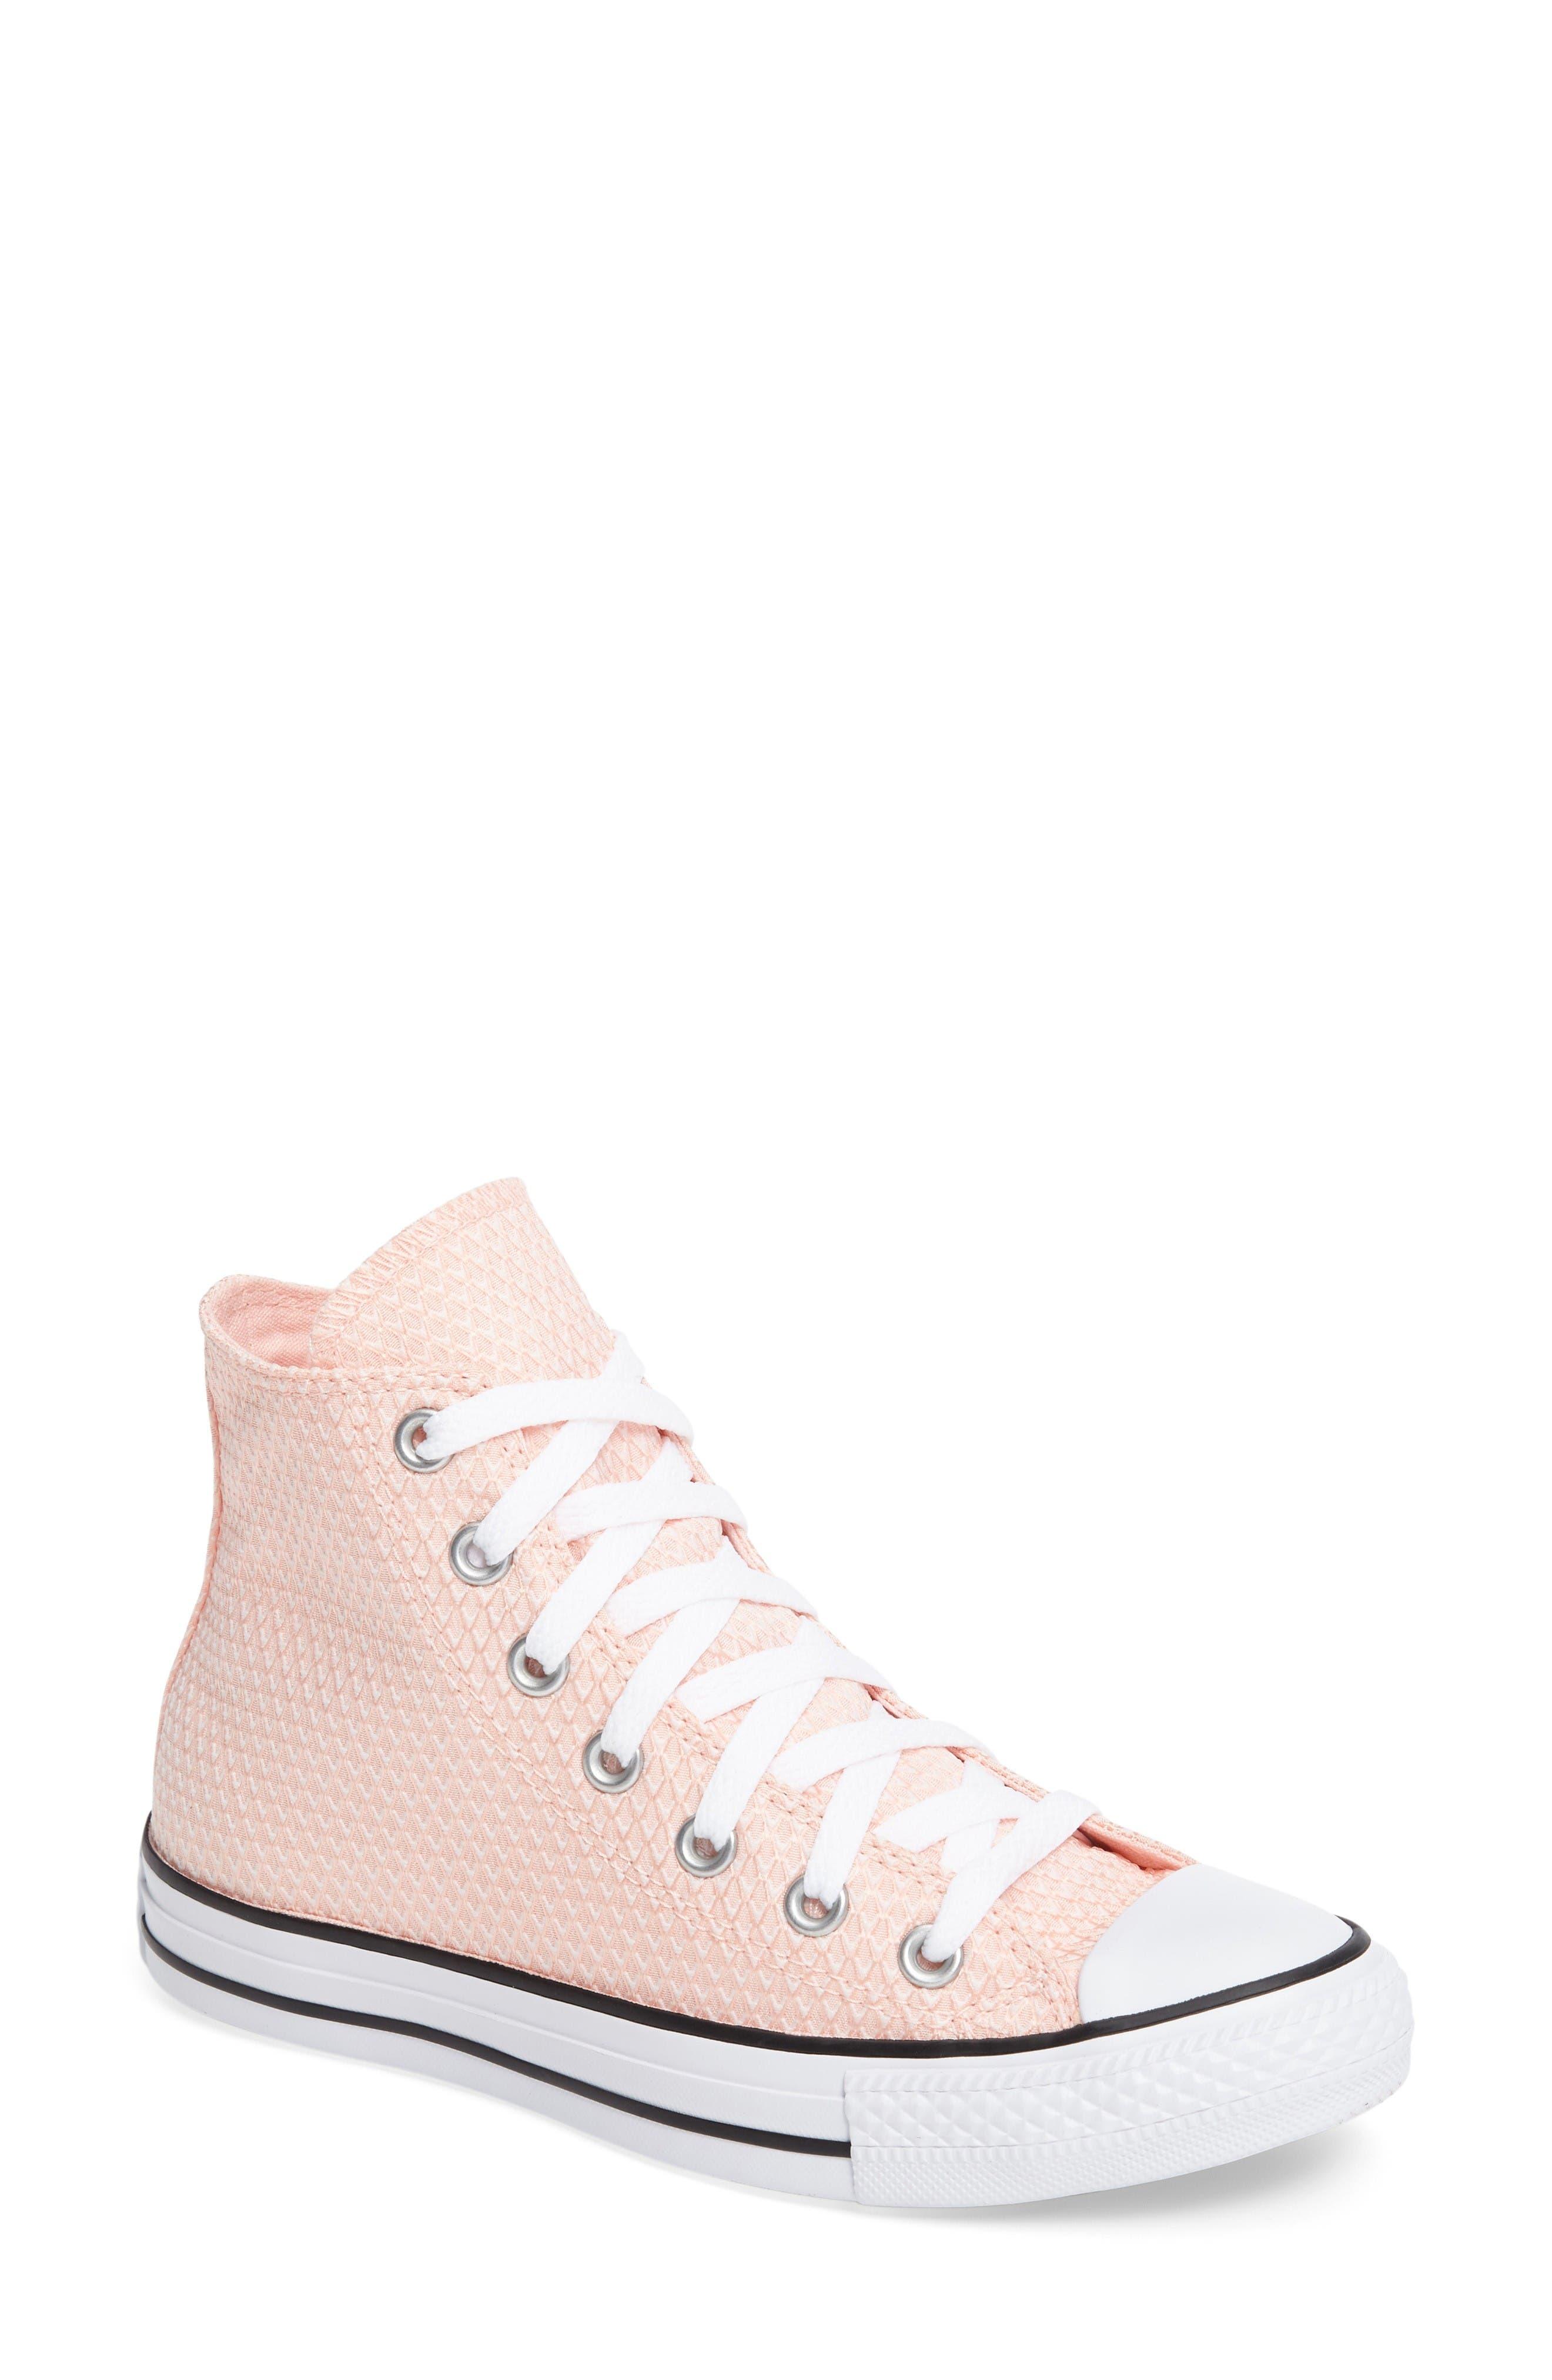 Converse Chuck Taylor® All Star® Woven High Top Sneaker (Women)